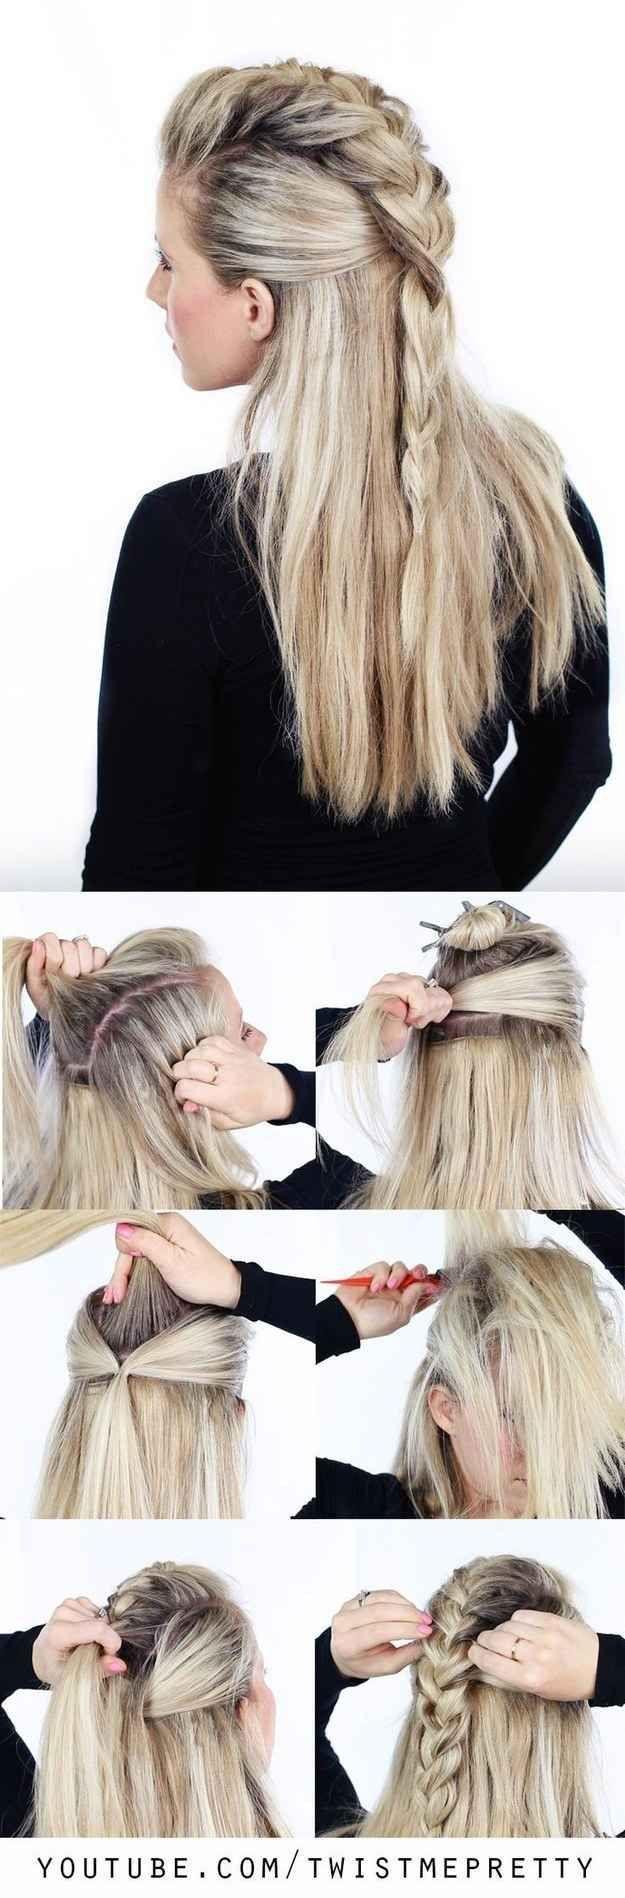 tutoriales de trenzas que querrás probar hair style makeup and